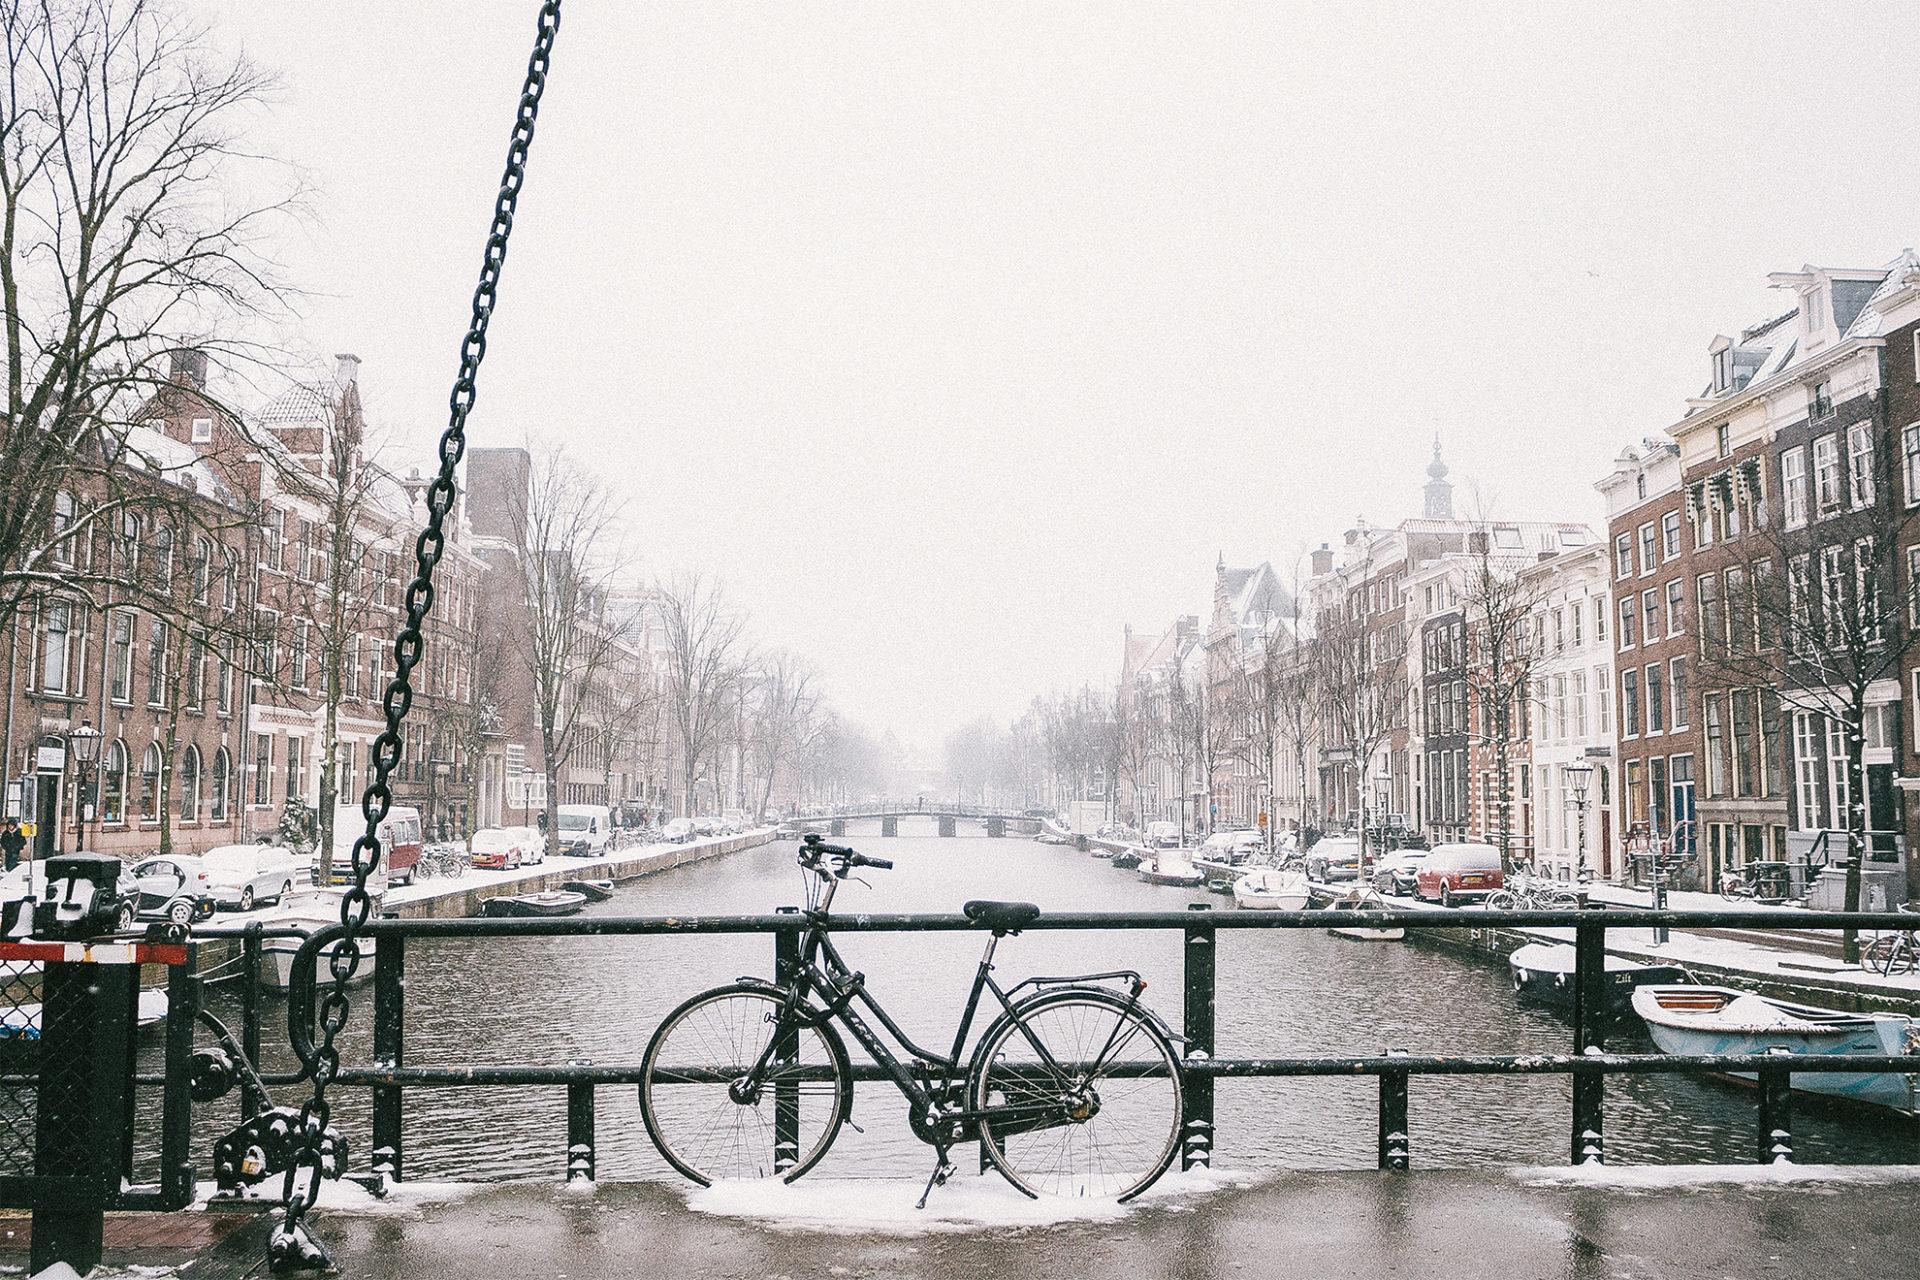 Fahrrad im Schnee an einer Brücke stehend